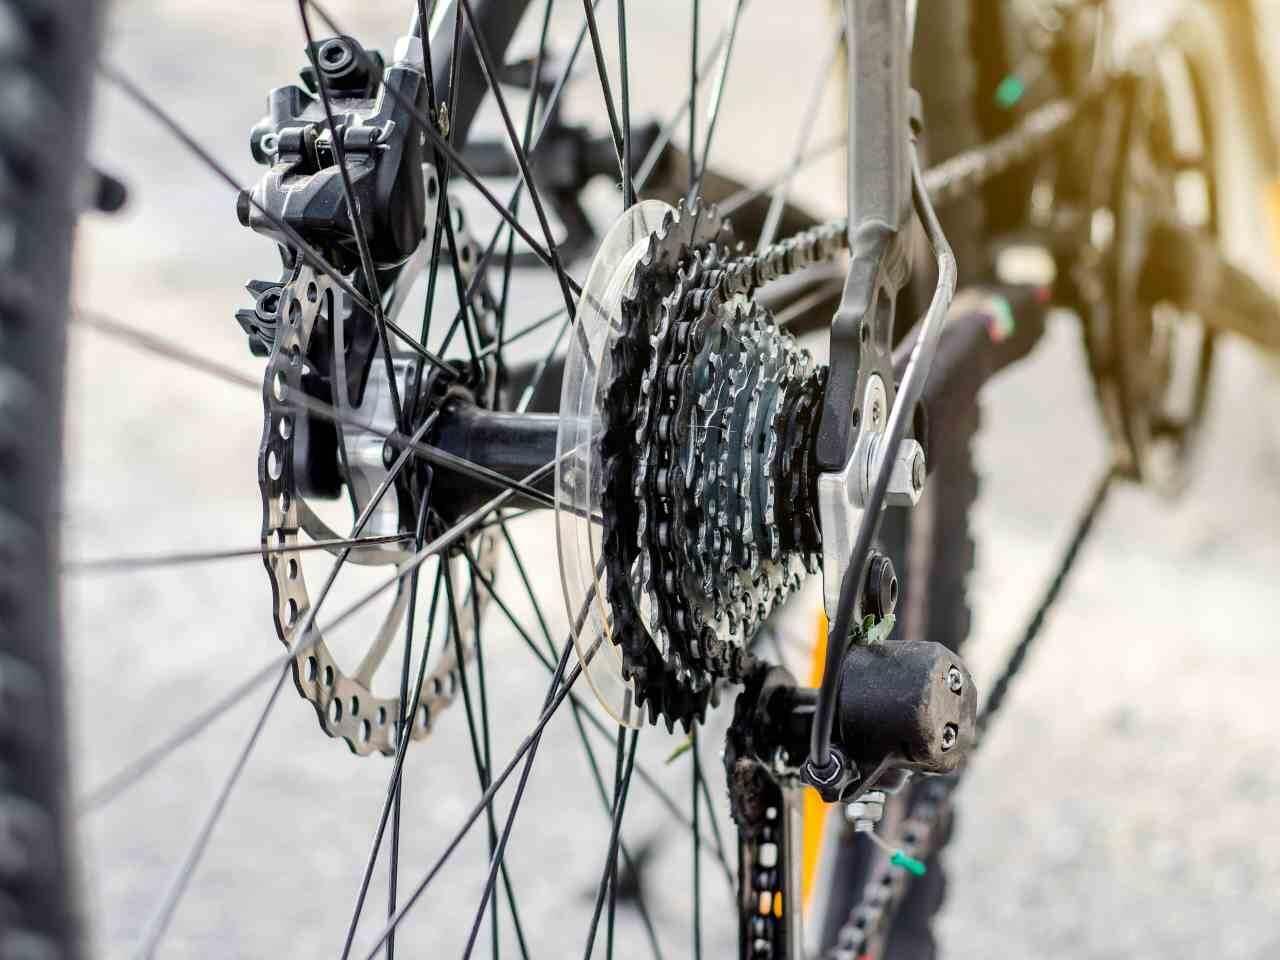 Fahrrad Schaltgruppe Aufbau Funktion Und Typenvielfalt Taylor Wheels